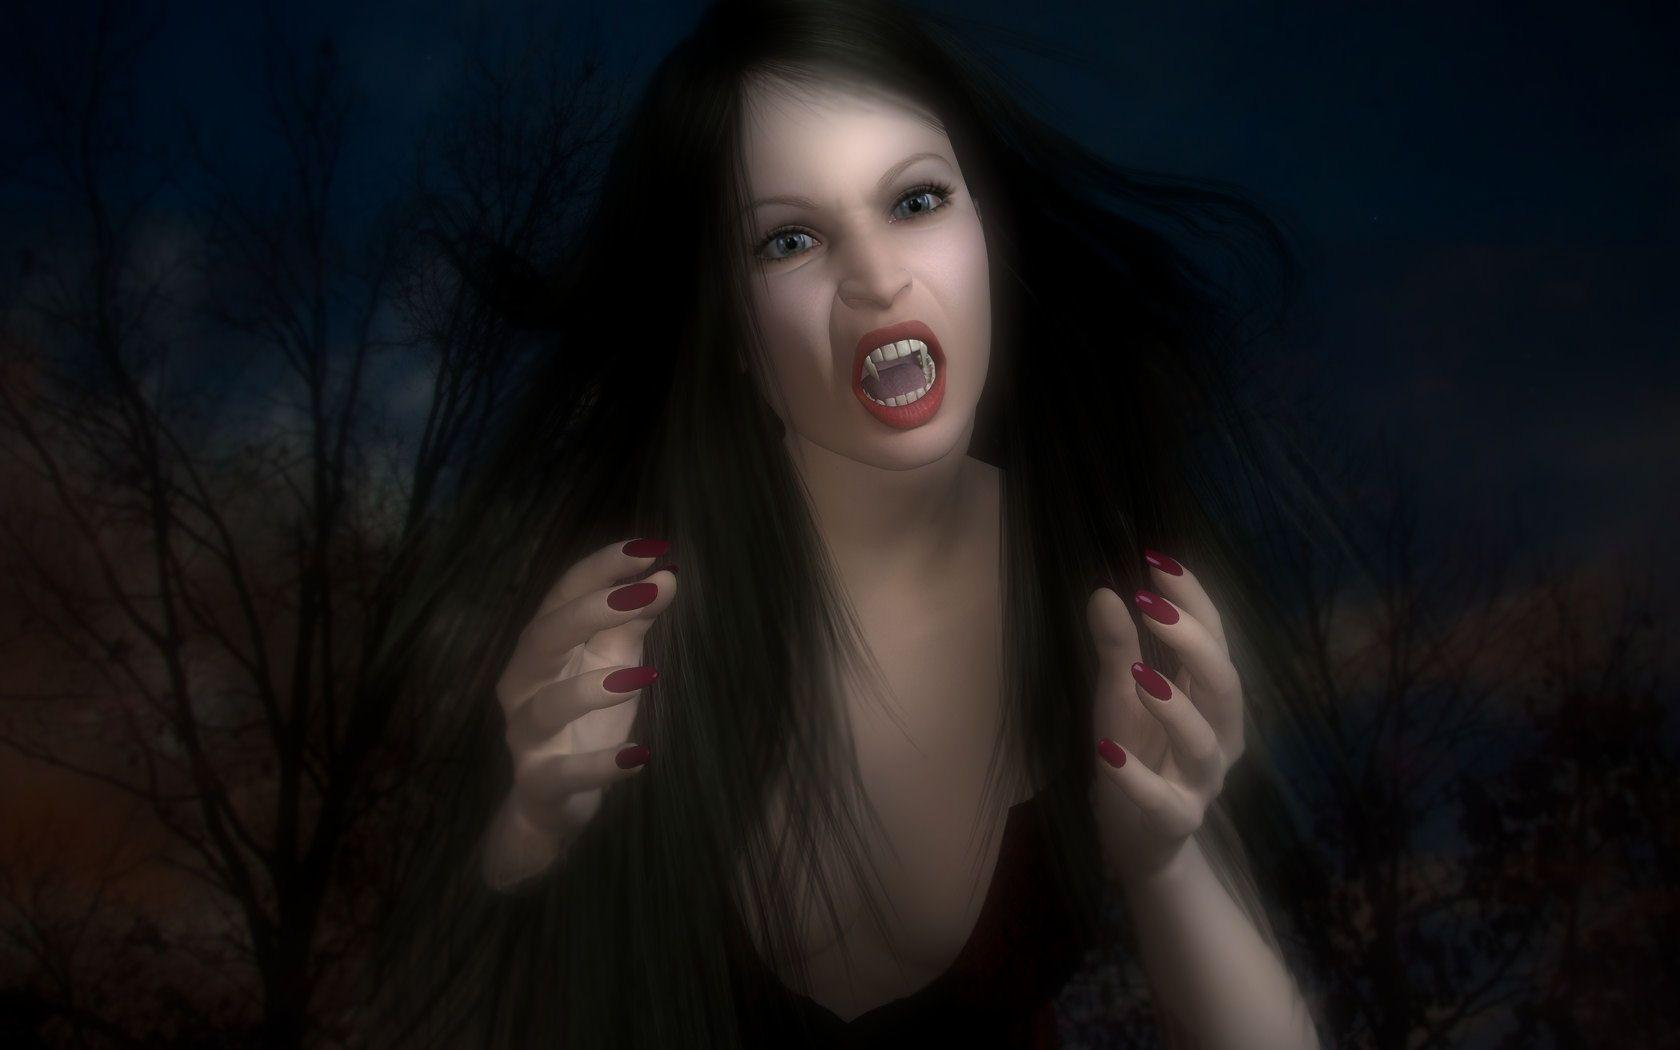 Vampire Wallpapers Desktop - Wallpaper Cave